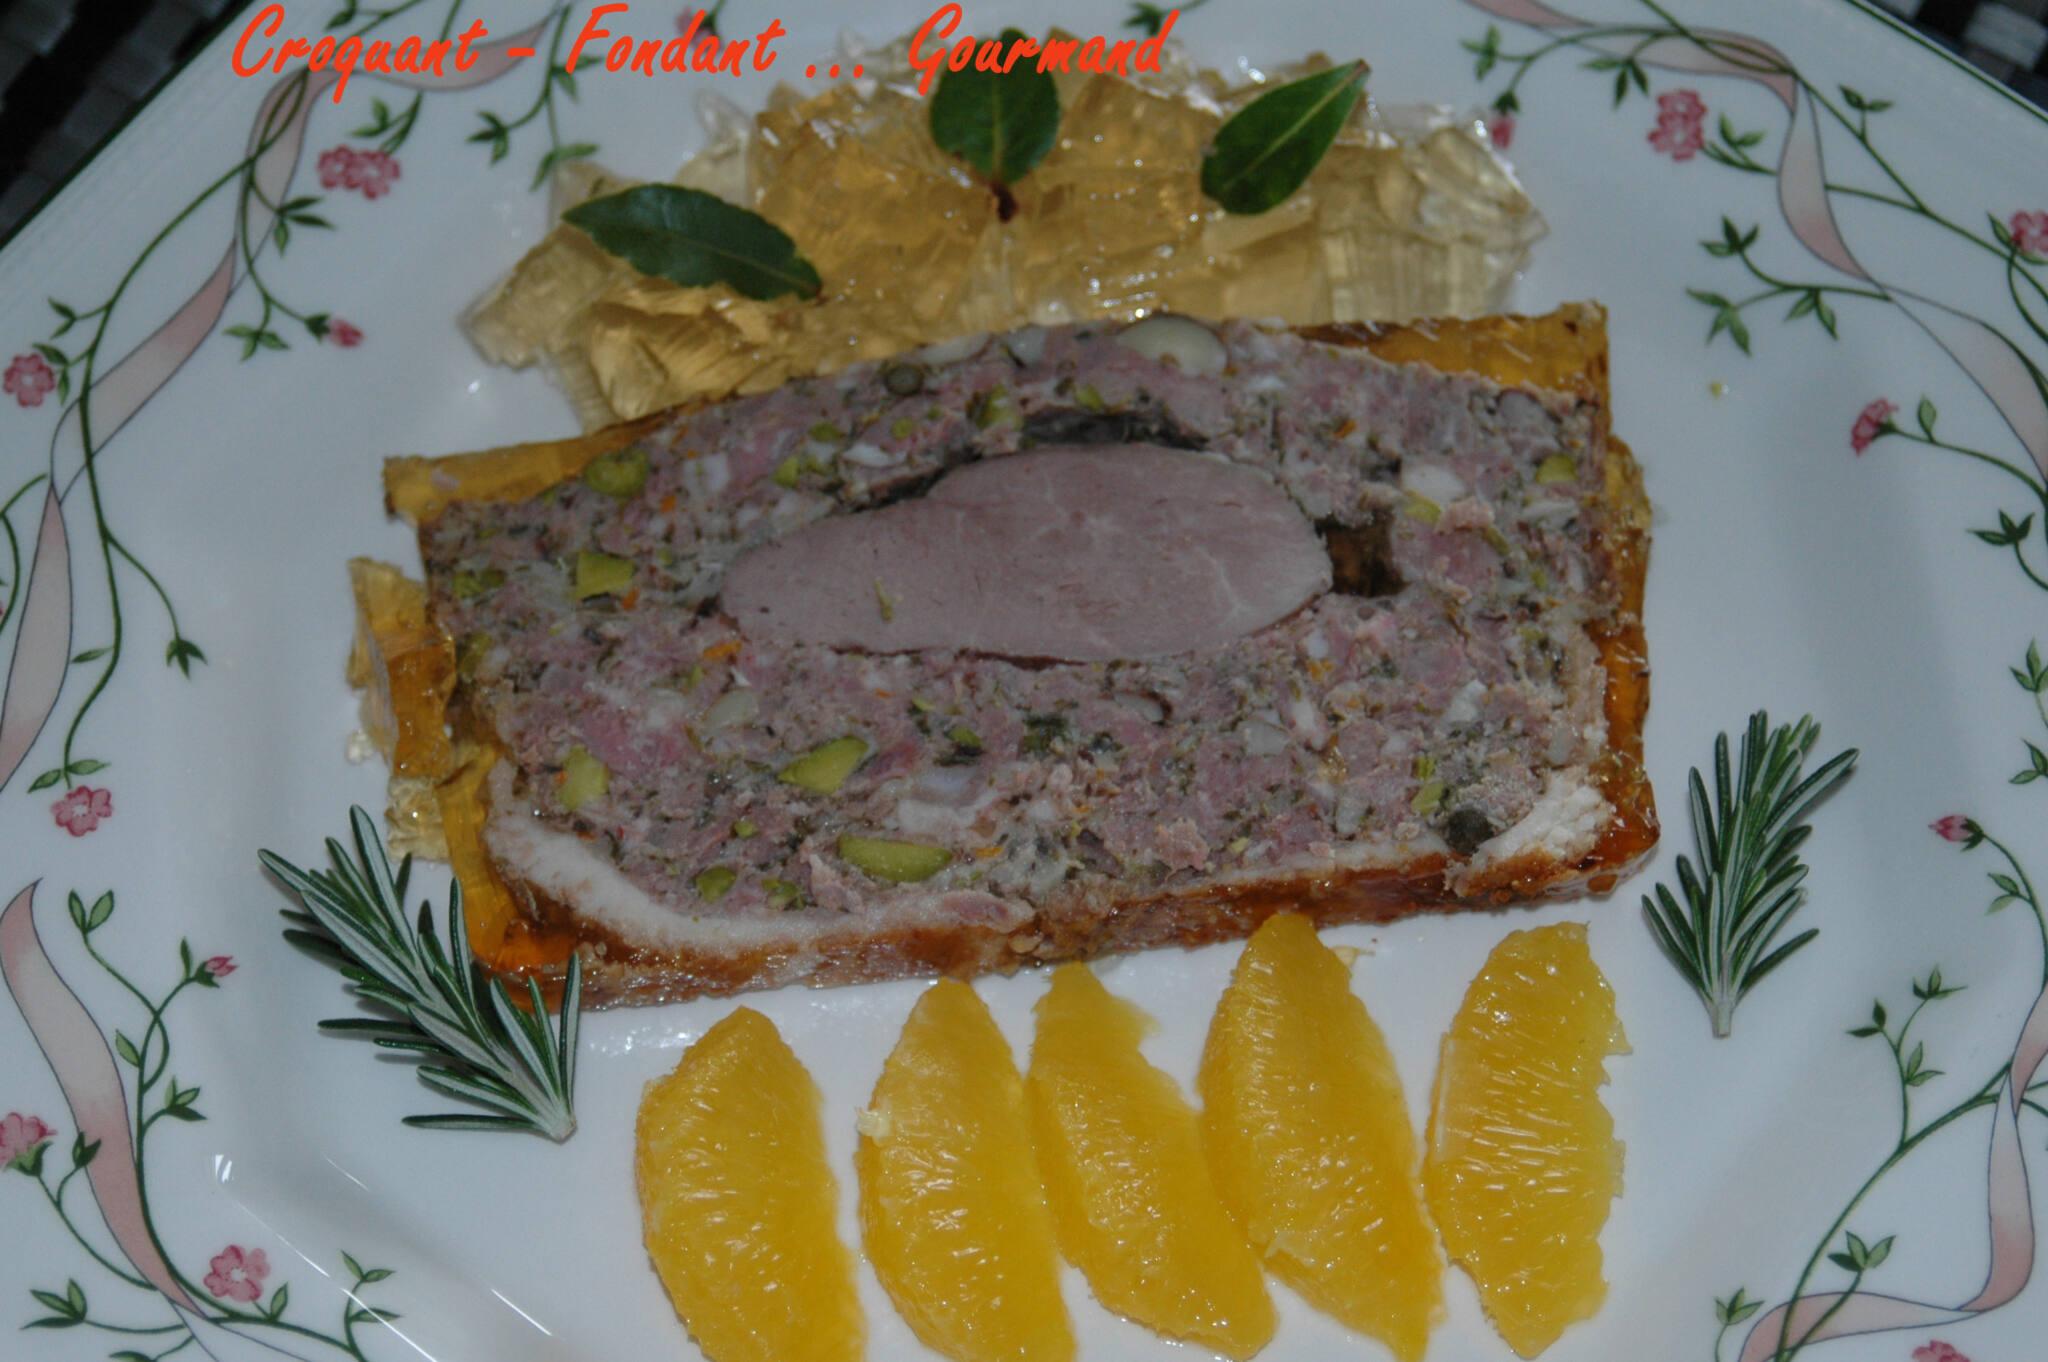 Terrine canard noisettes-pistaches. - Croquant Fondant ...